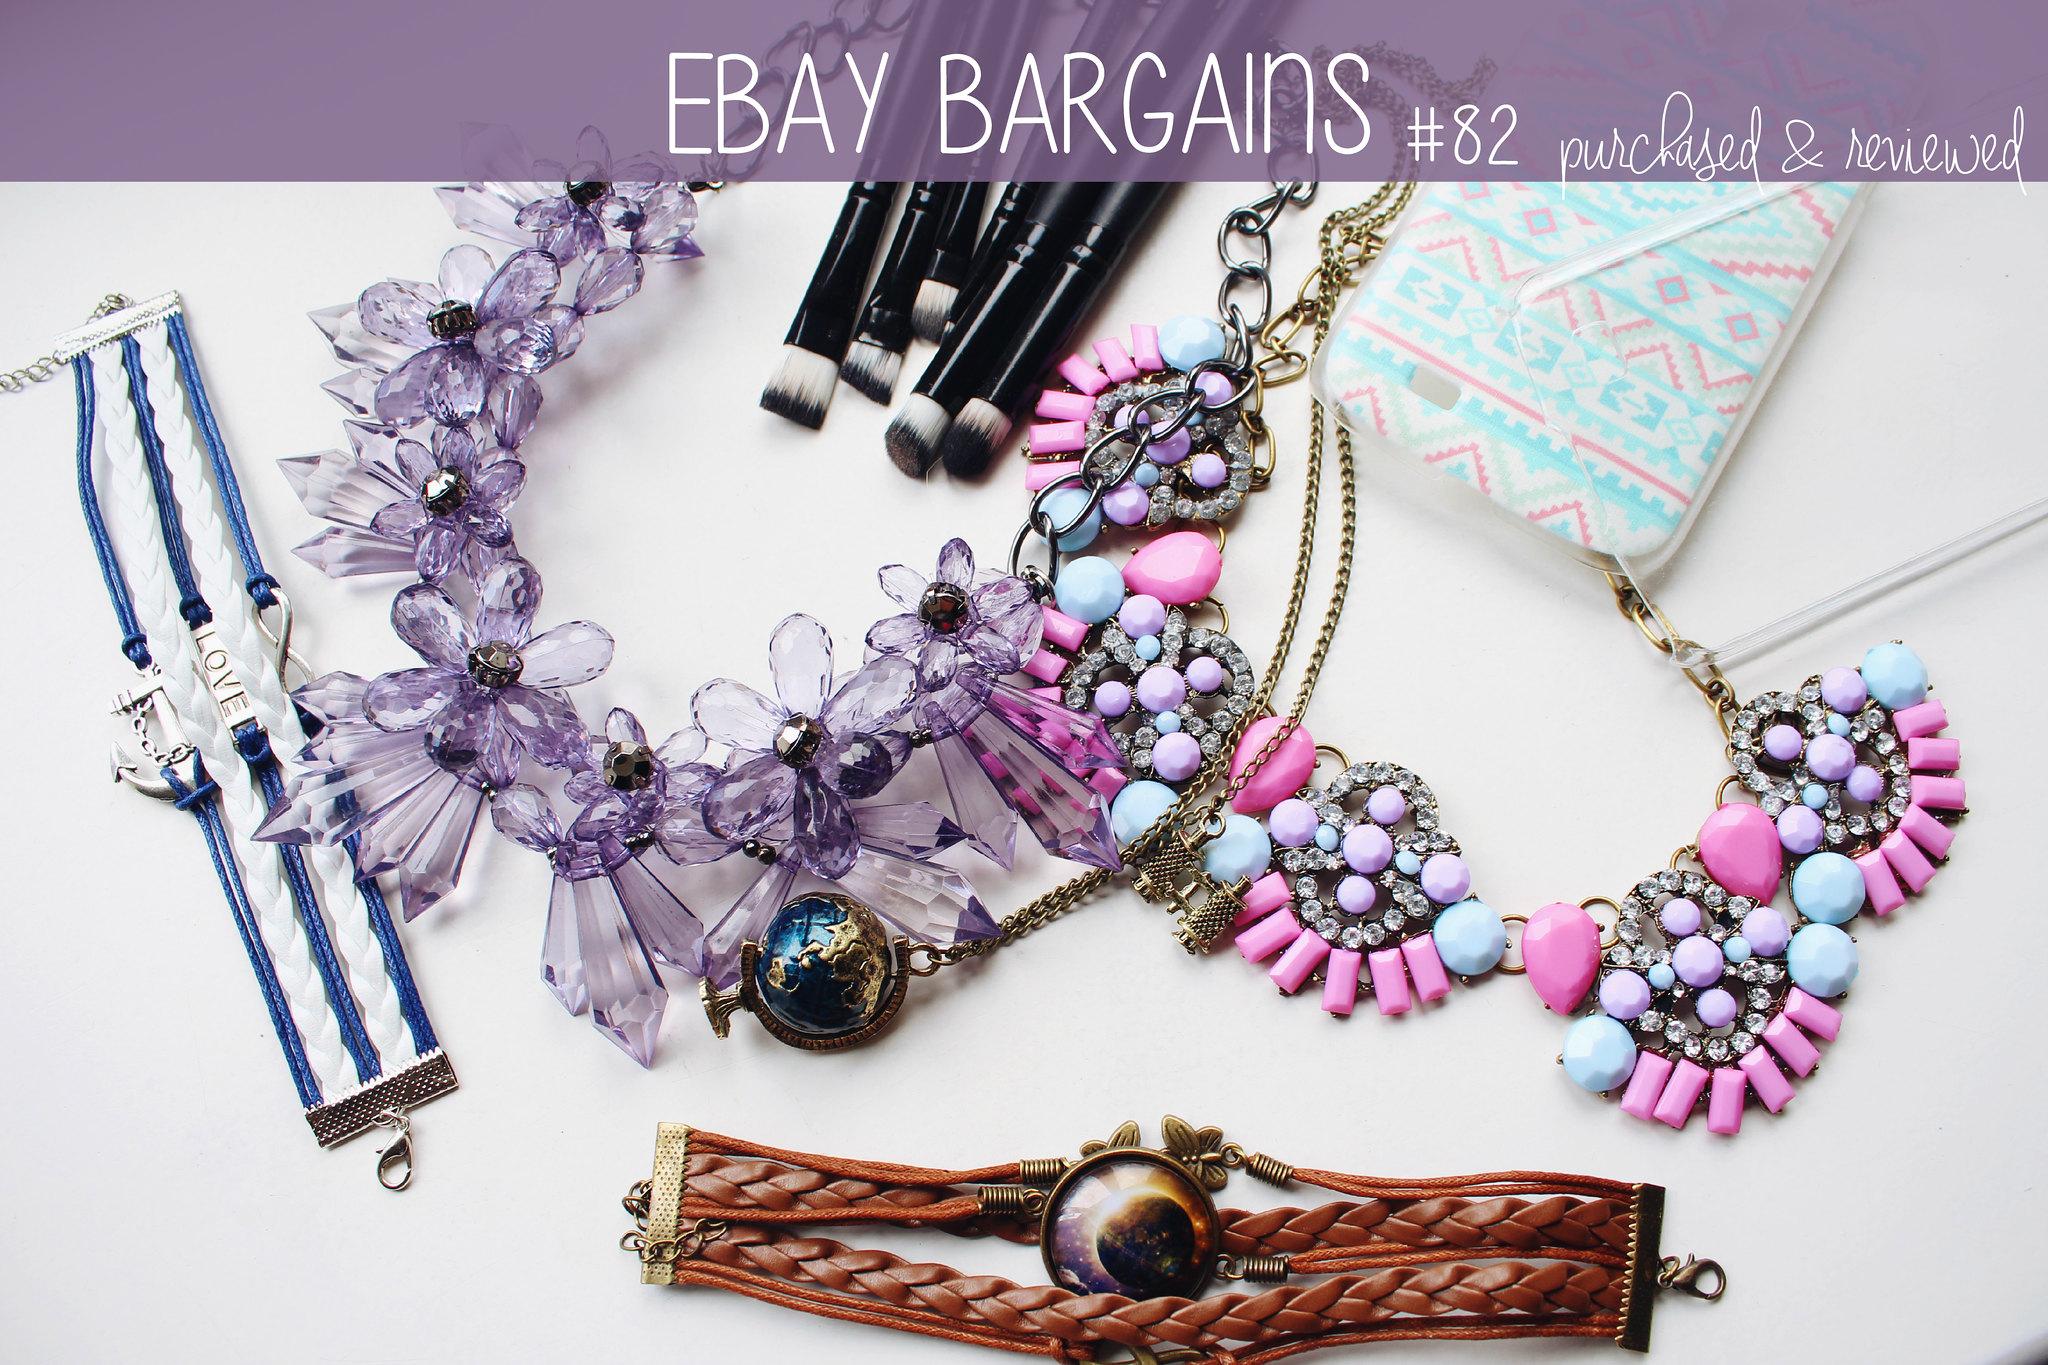 ebay-bargains-accessories